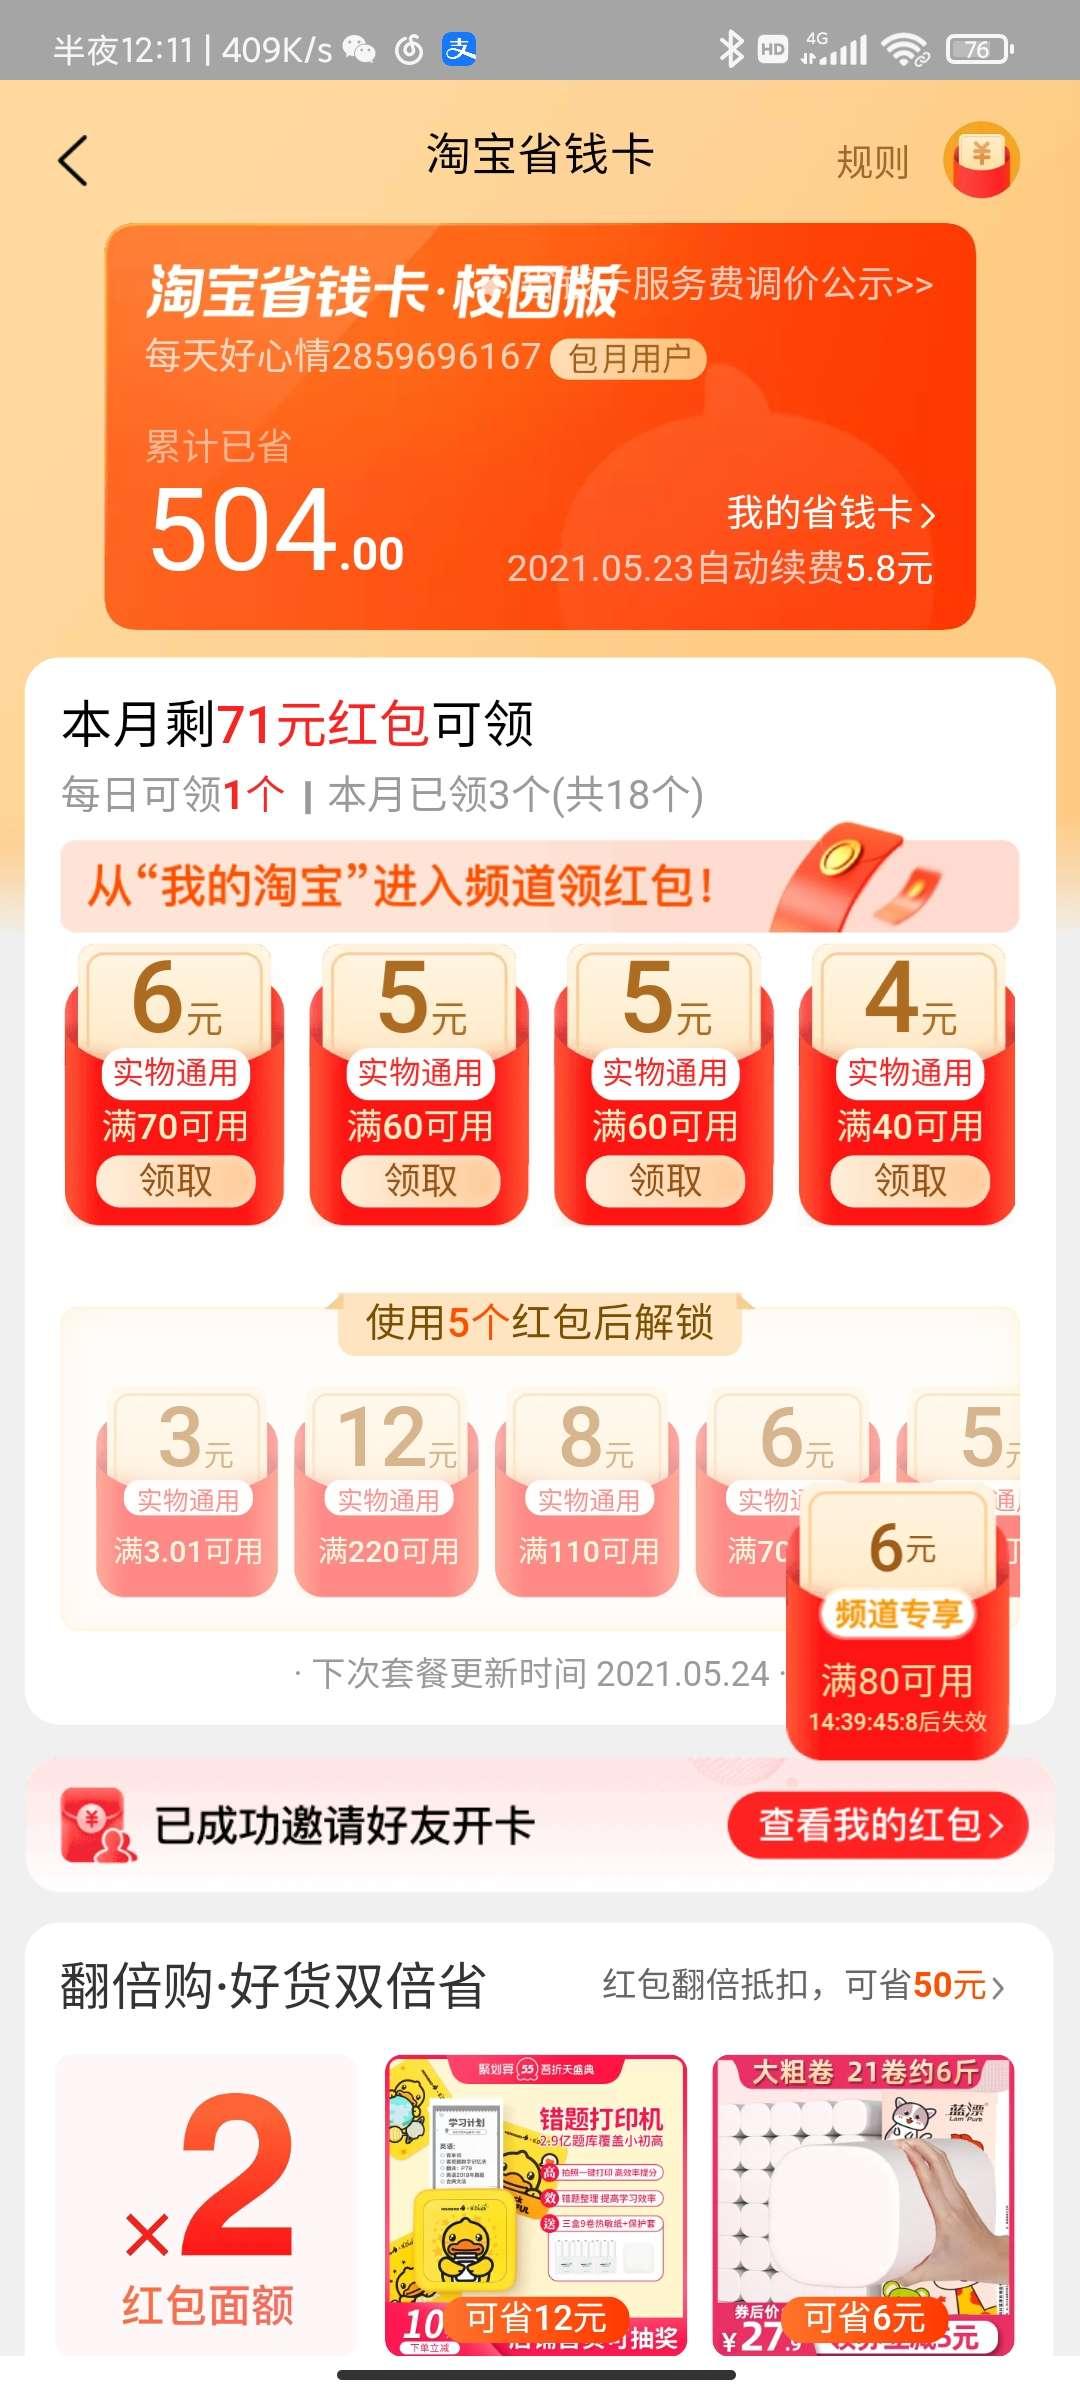 【现金红包】0.1开通淘宝省钱月卡!!!